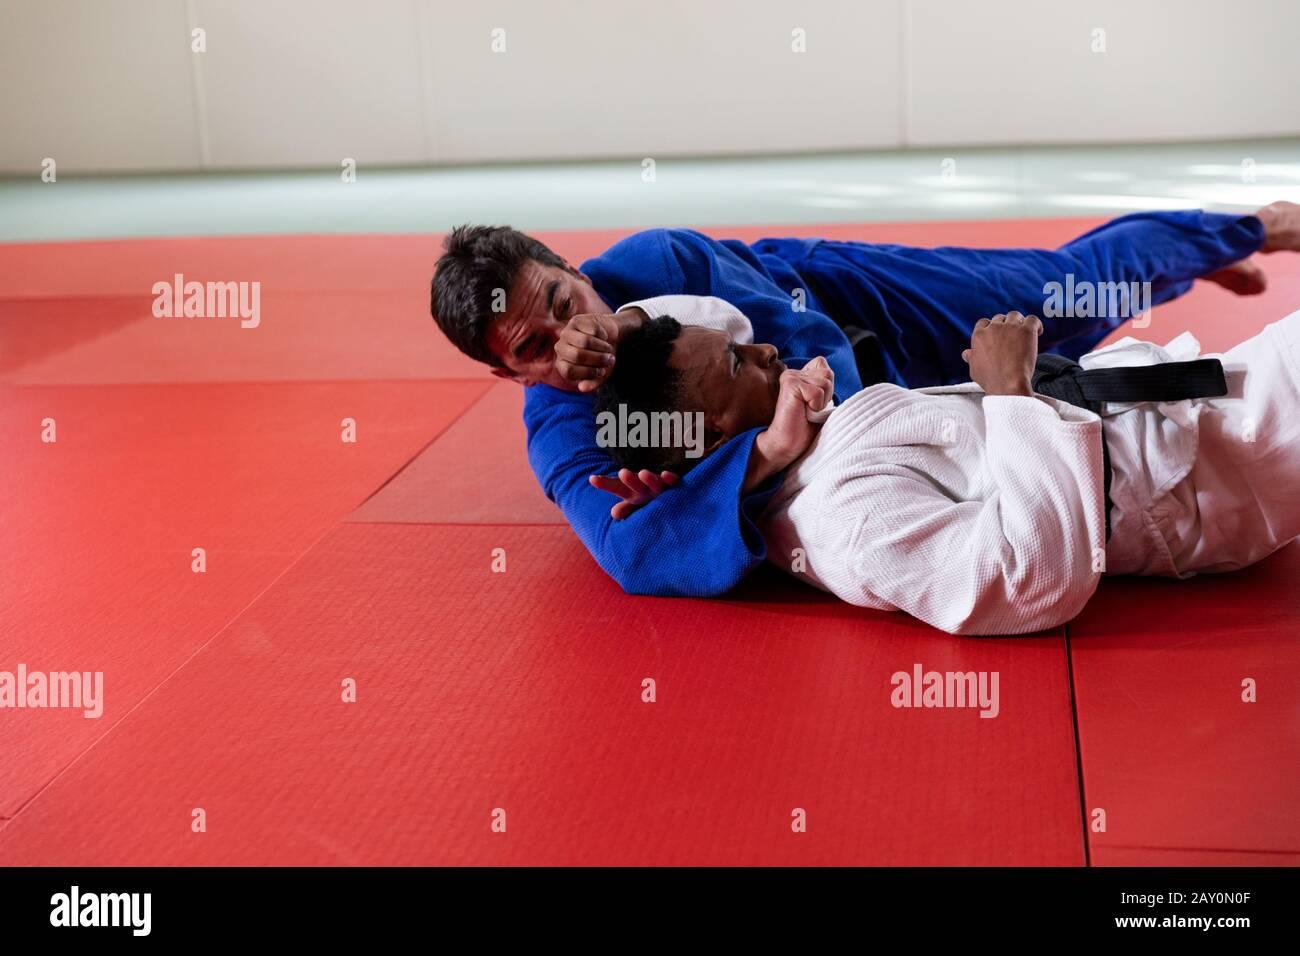 Judokas pratiquant le judo pendant un entraînement dans une salle de sport Banque D'Images